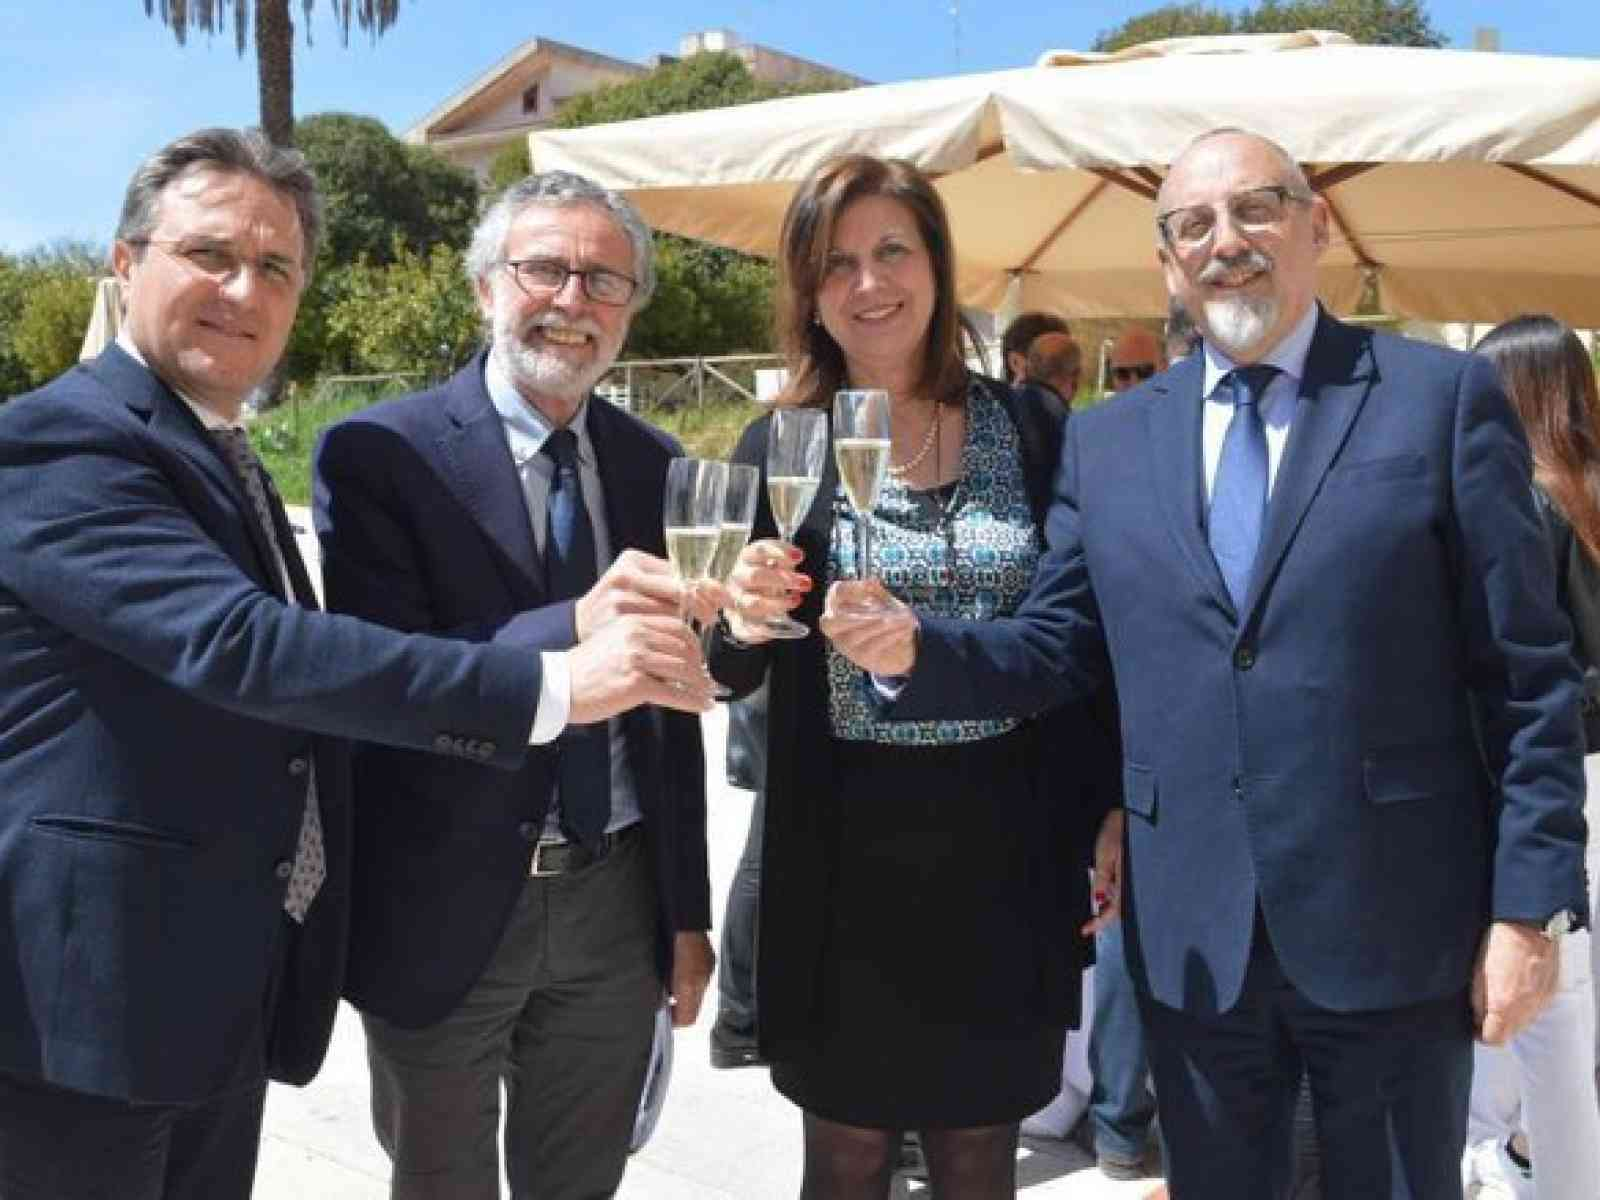 Le Cantine di Montevago, Santa Margherita, Sambuca e Menfi sono pronte per il Vinitaly